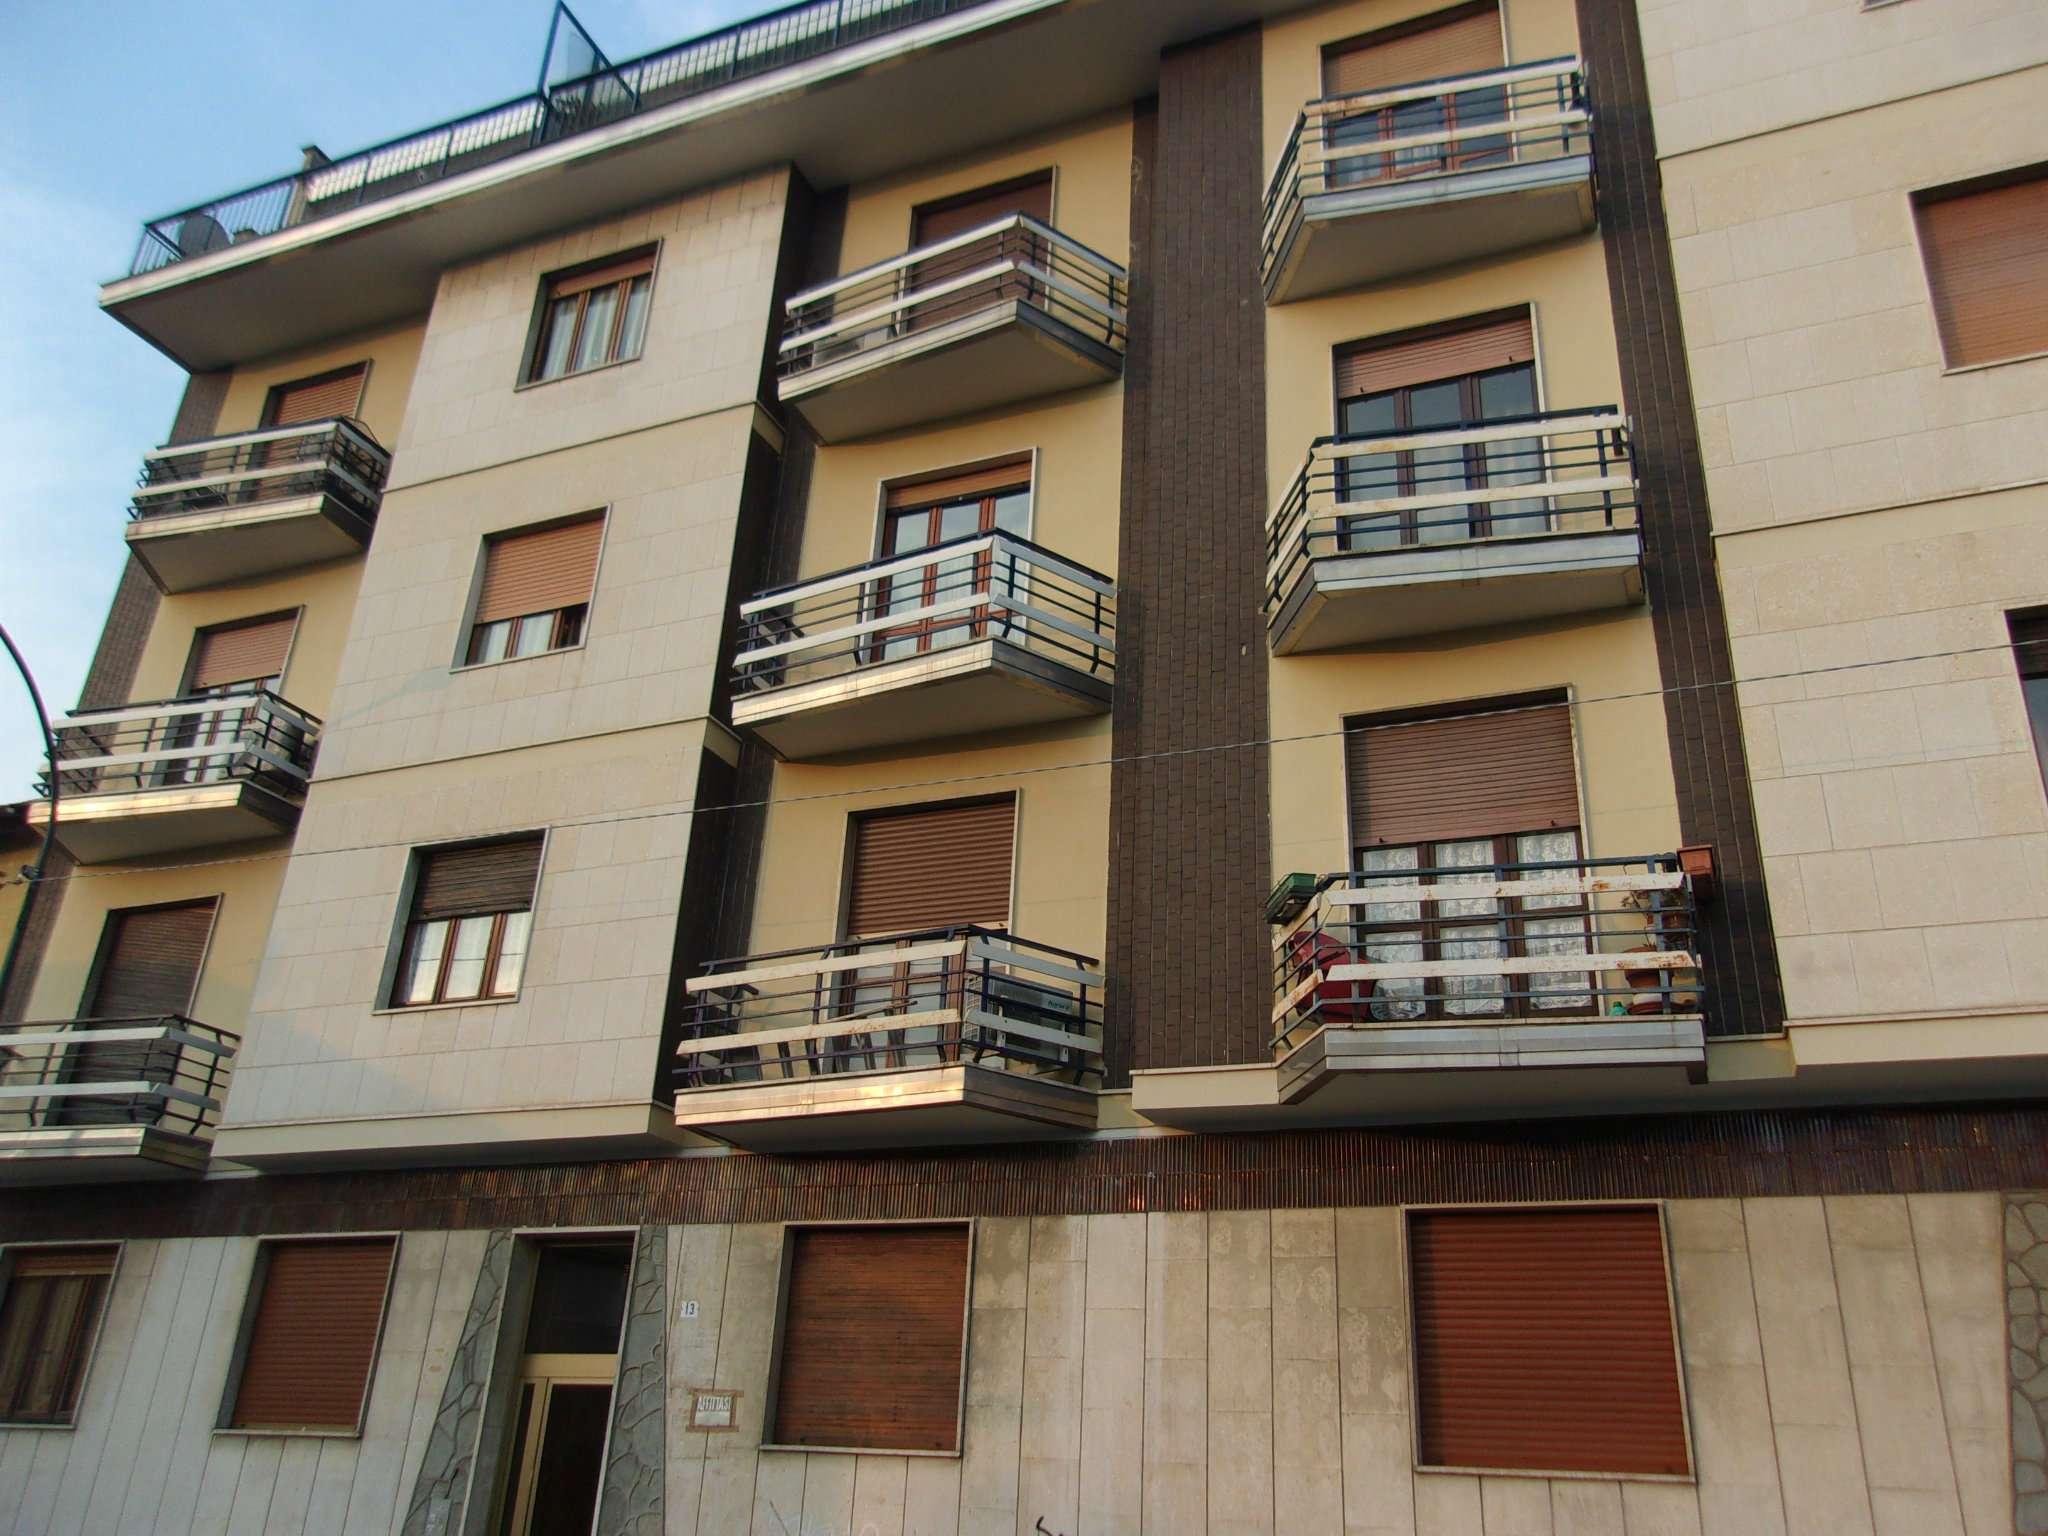 Attico in Vendita a Grugliasco: 2 locali, 68 mq